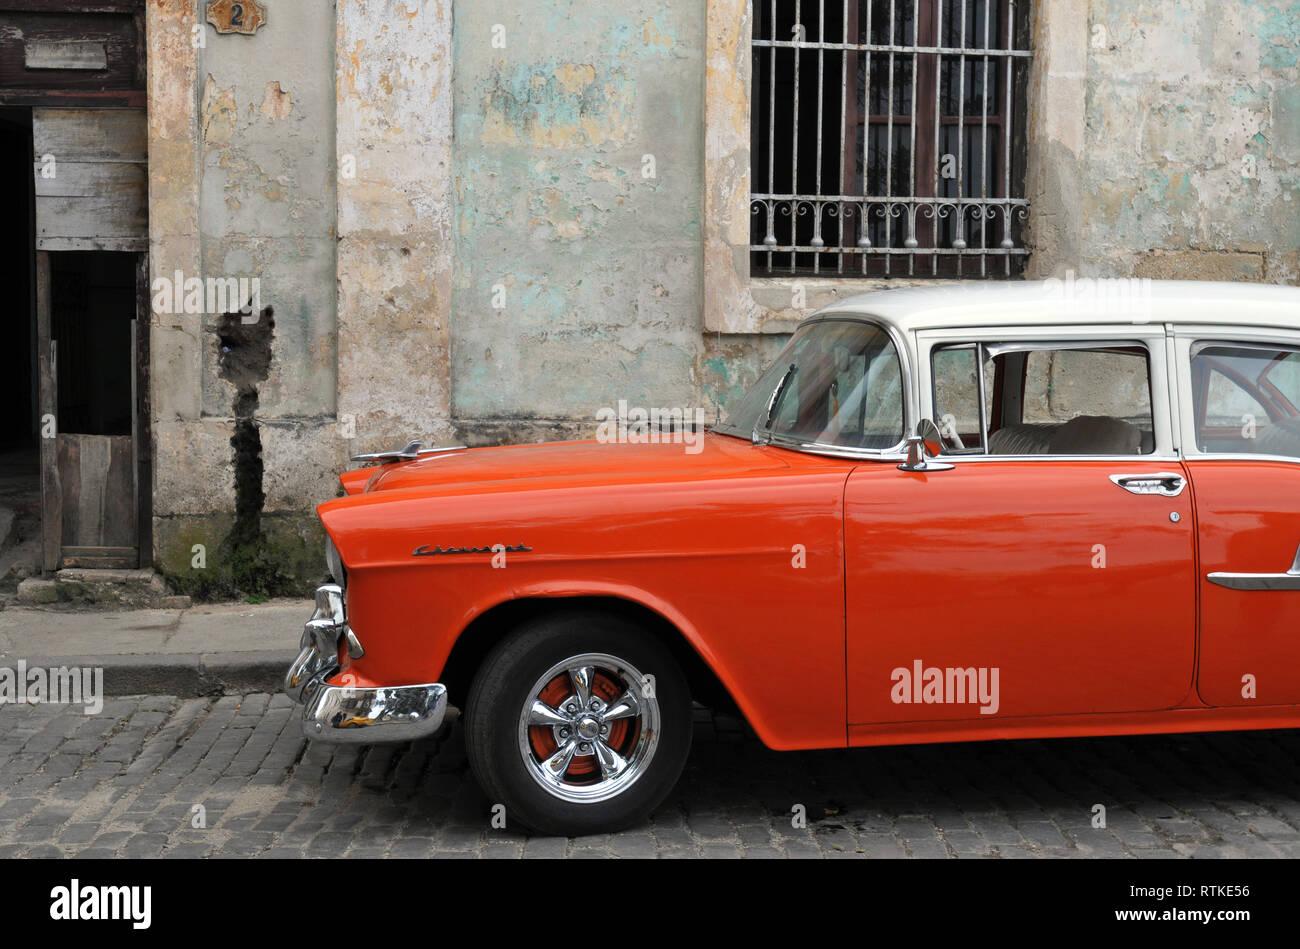 b32d4160b Un classico, restaurato Chevrolet automobile parcheggiata si siede nella  Vecchia Havana, Cuba, in